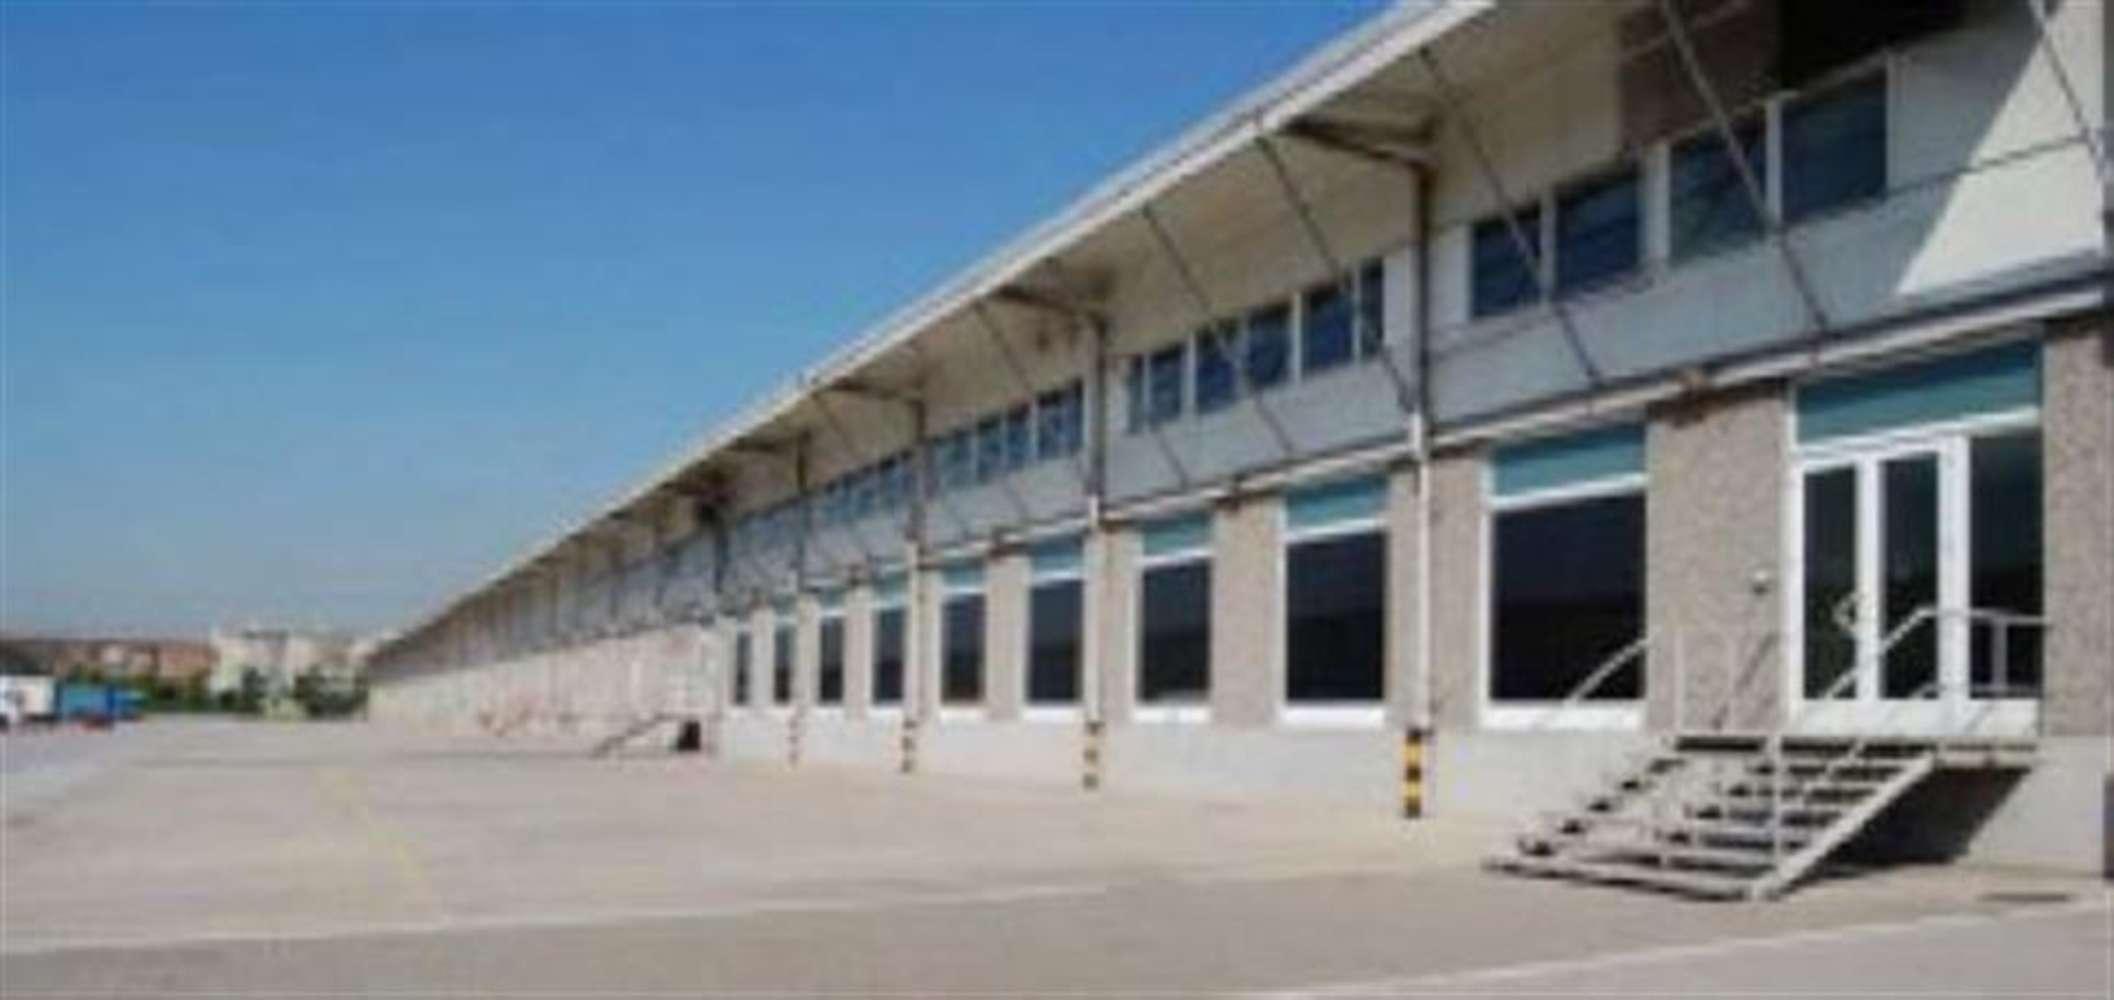 Naves industriales y logísticas Santa perpètua de mogoda, 08130 - Nave Logística - B0187 - CIM VALLES - 11704